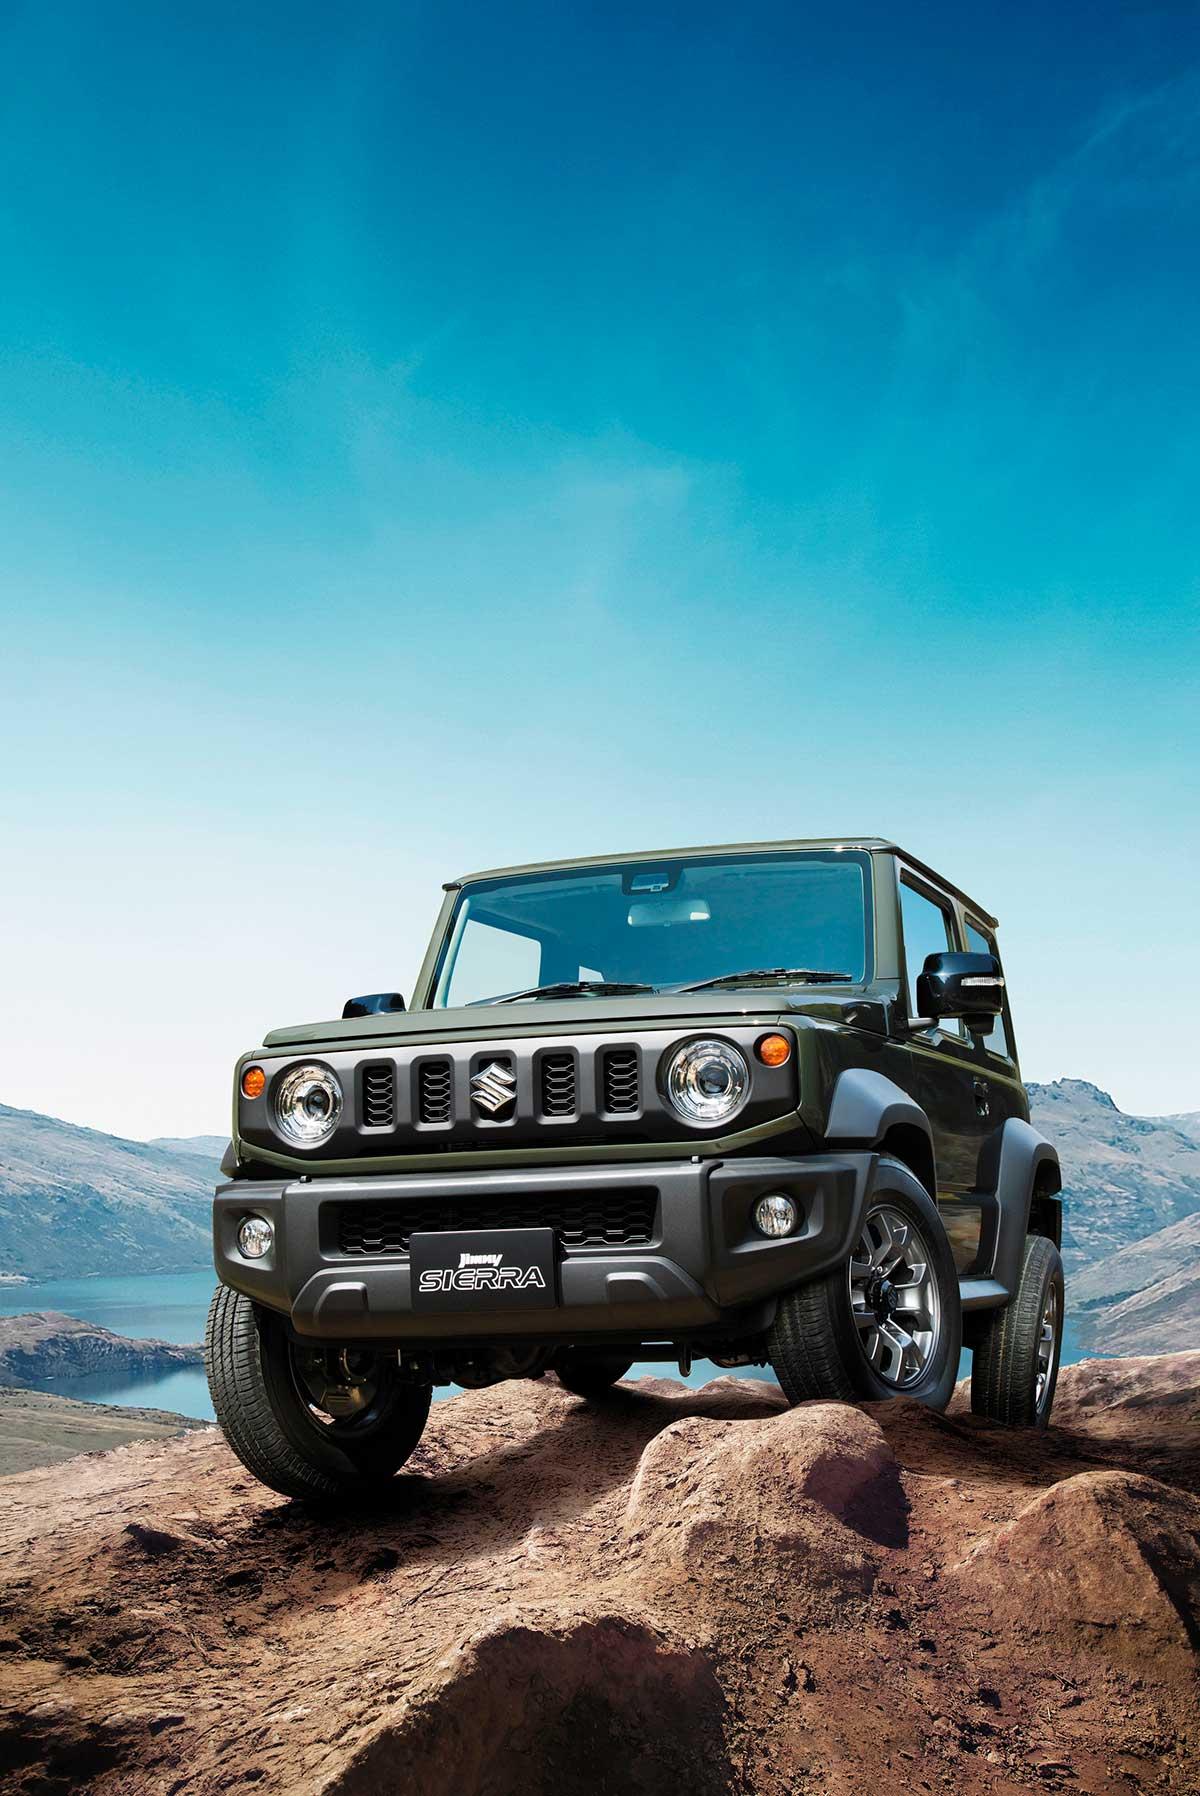 Maruti Suzuki To Manufacture Jimny Suv In India Launch Slated In 2021